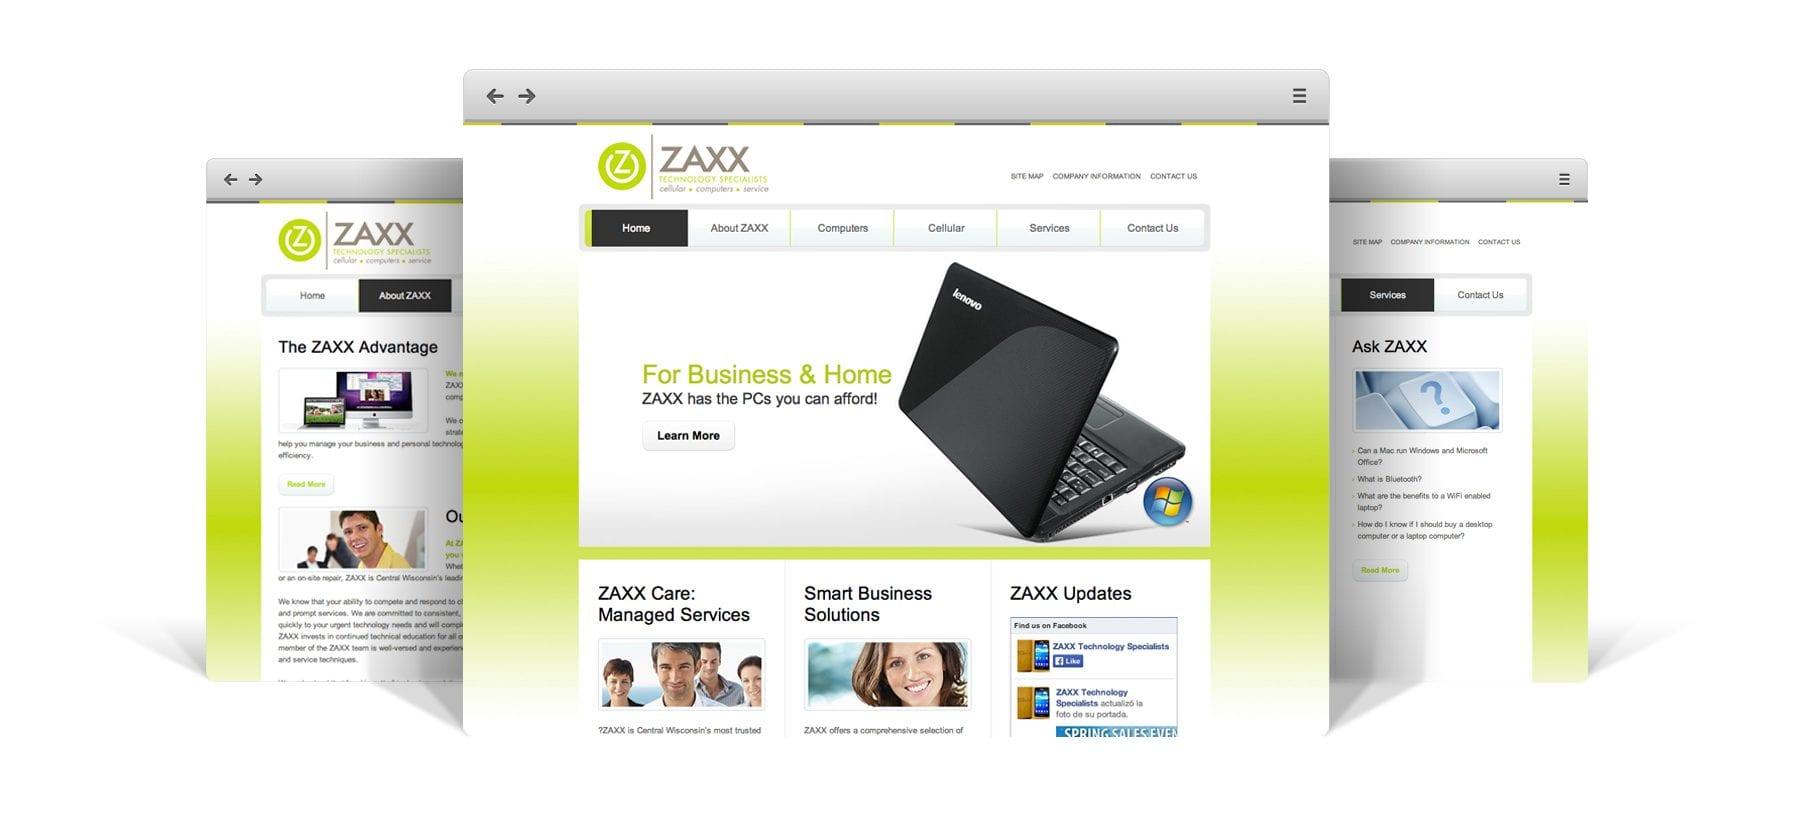 ZAXX Technology Specialists